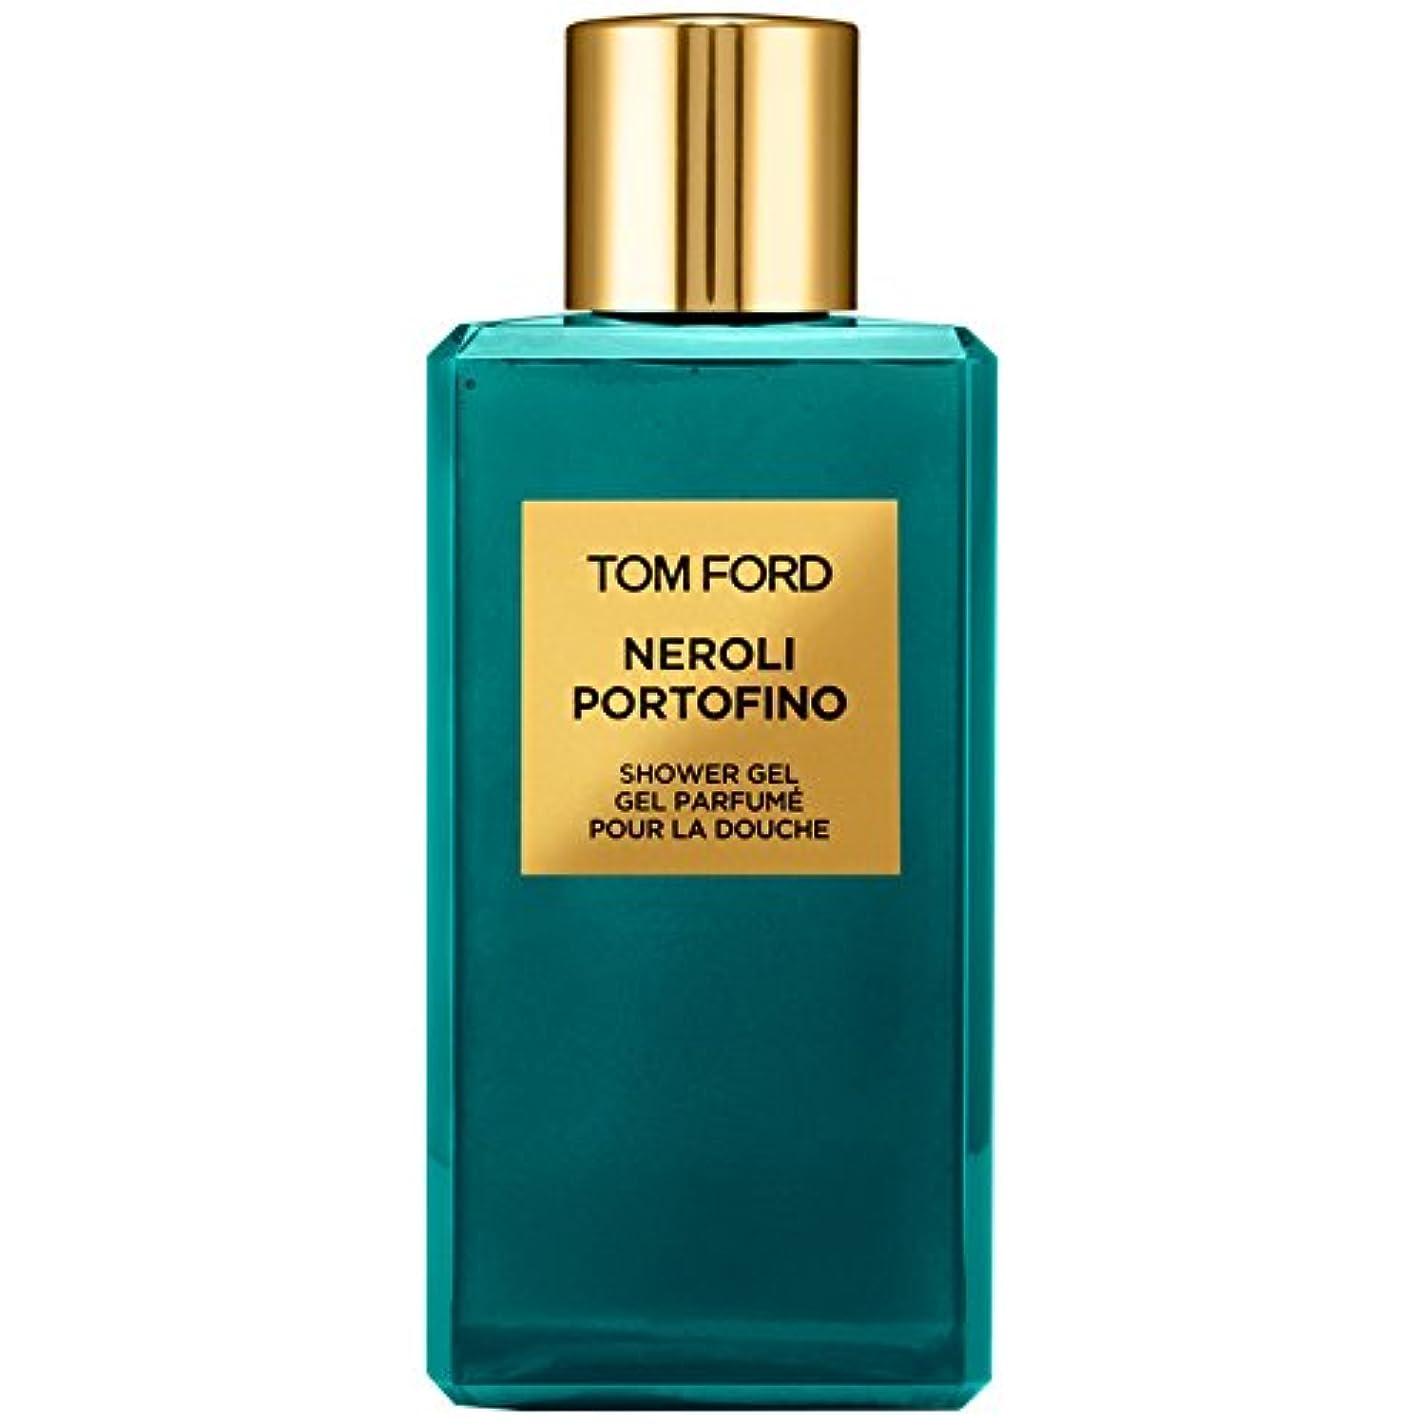 二スリット通常[Tom Ford ] トムフォードネロリポルトフィーノシャワージェル250ミリリットル - TOM FORD Neroli Portofino Shower Gel 250ml [並行輸入品]